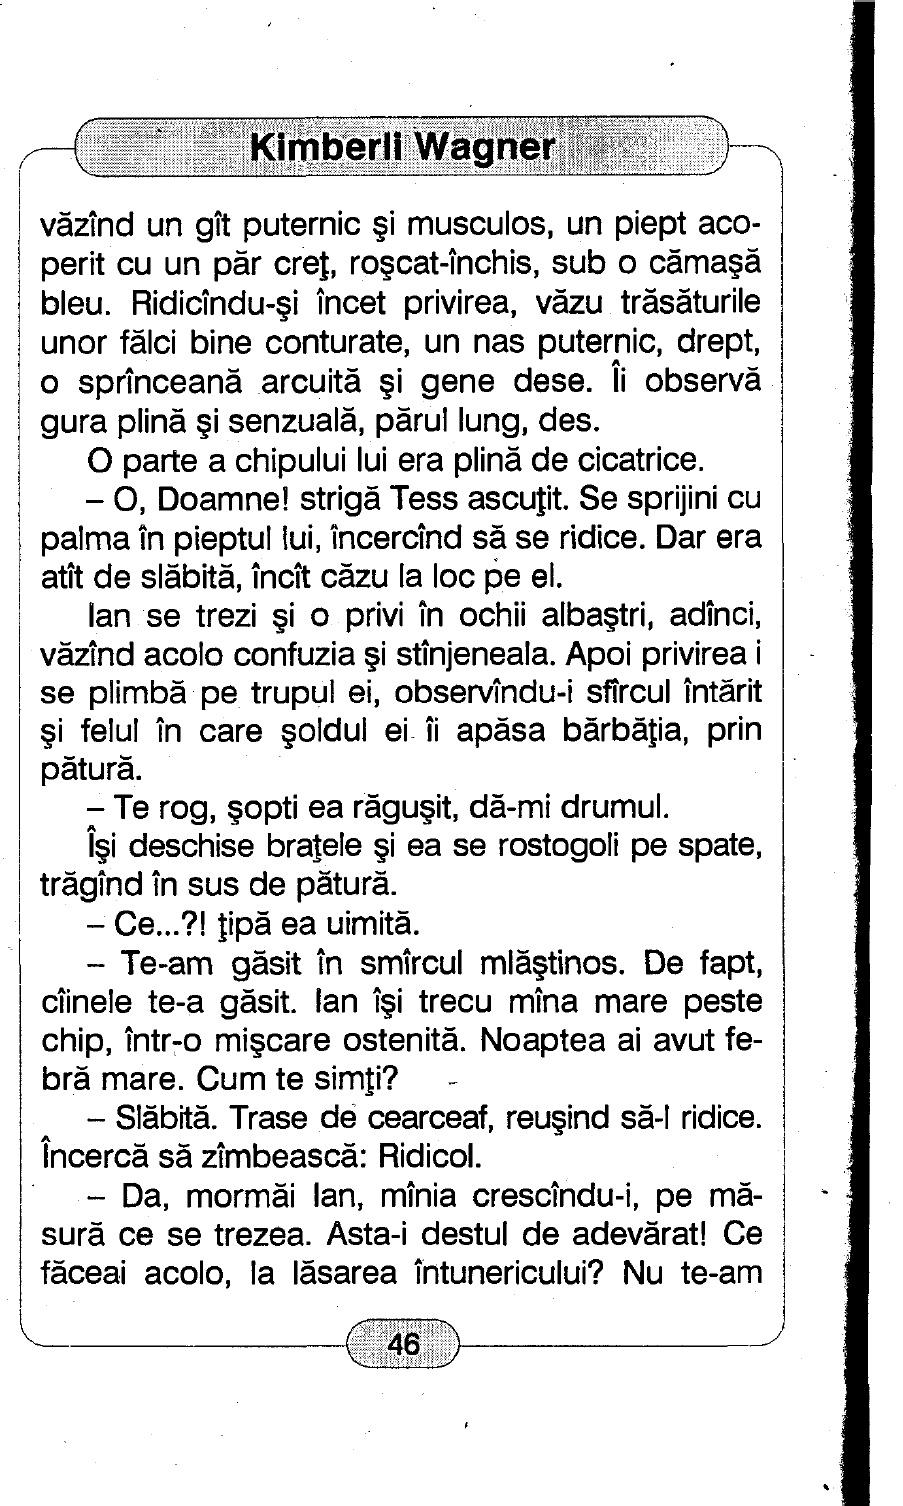 fete singure din Sibiu care cauta barbati din Iași femei in londra care cauta barbati